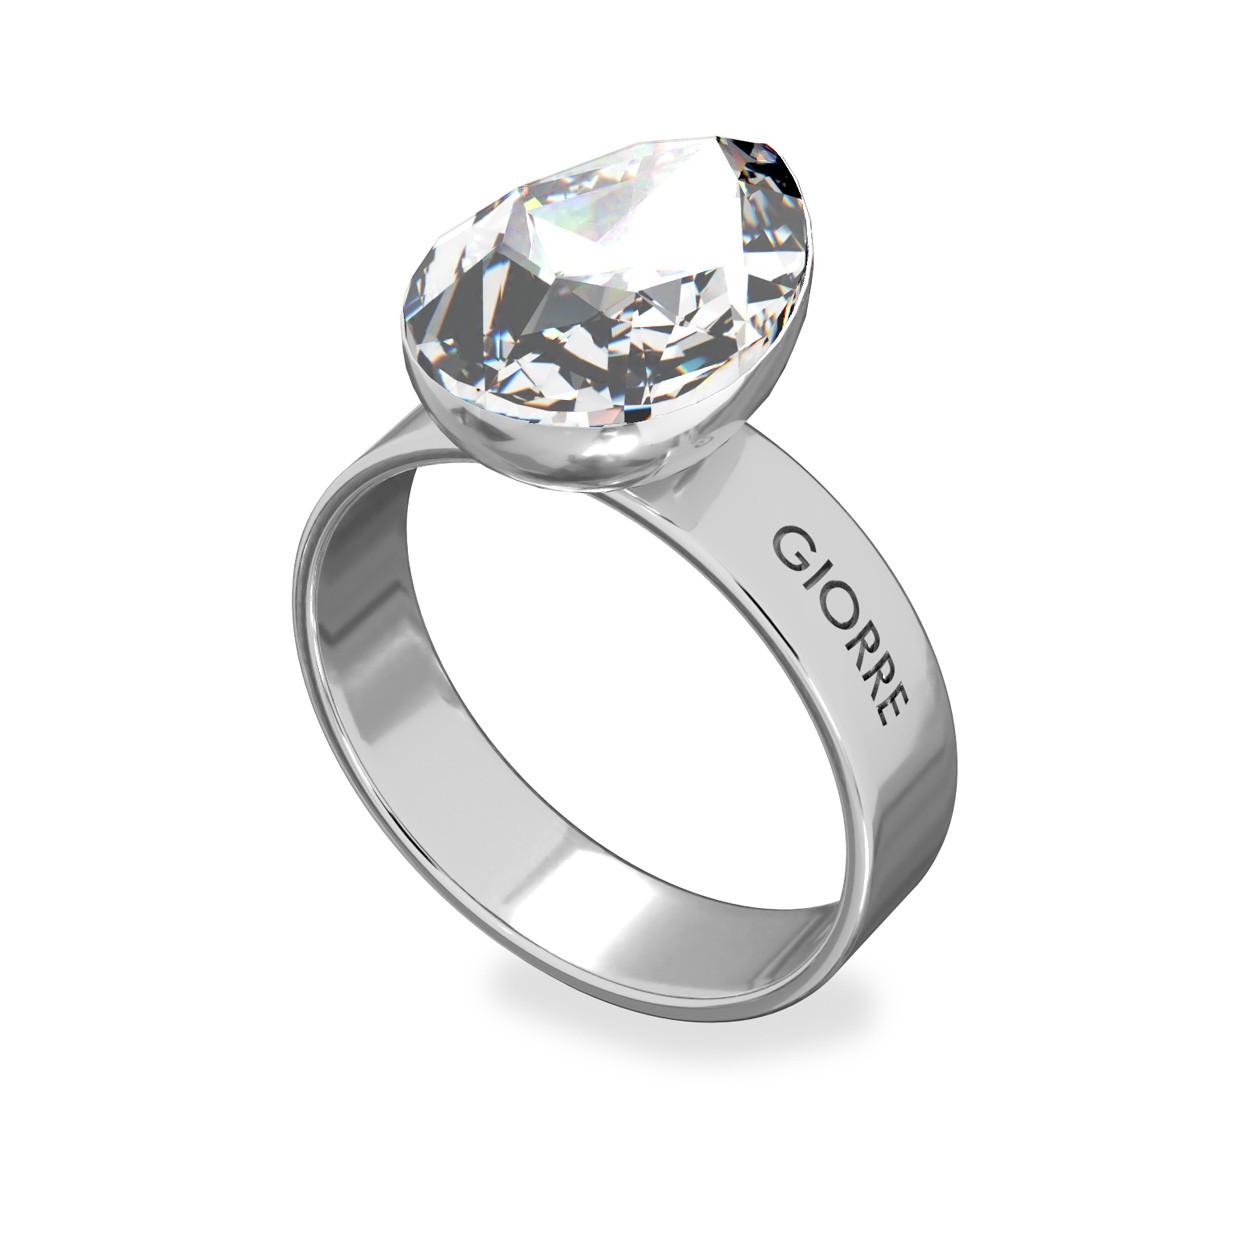 Srebrny pierścionek z kryształem, 925